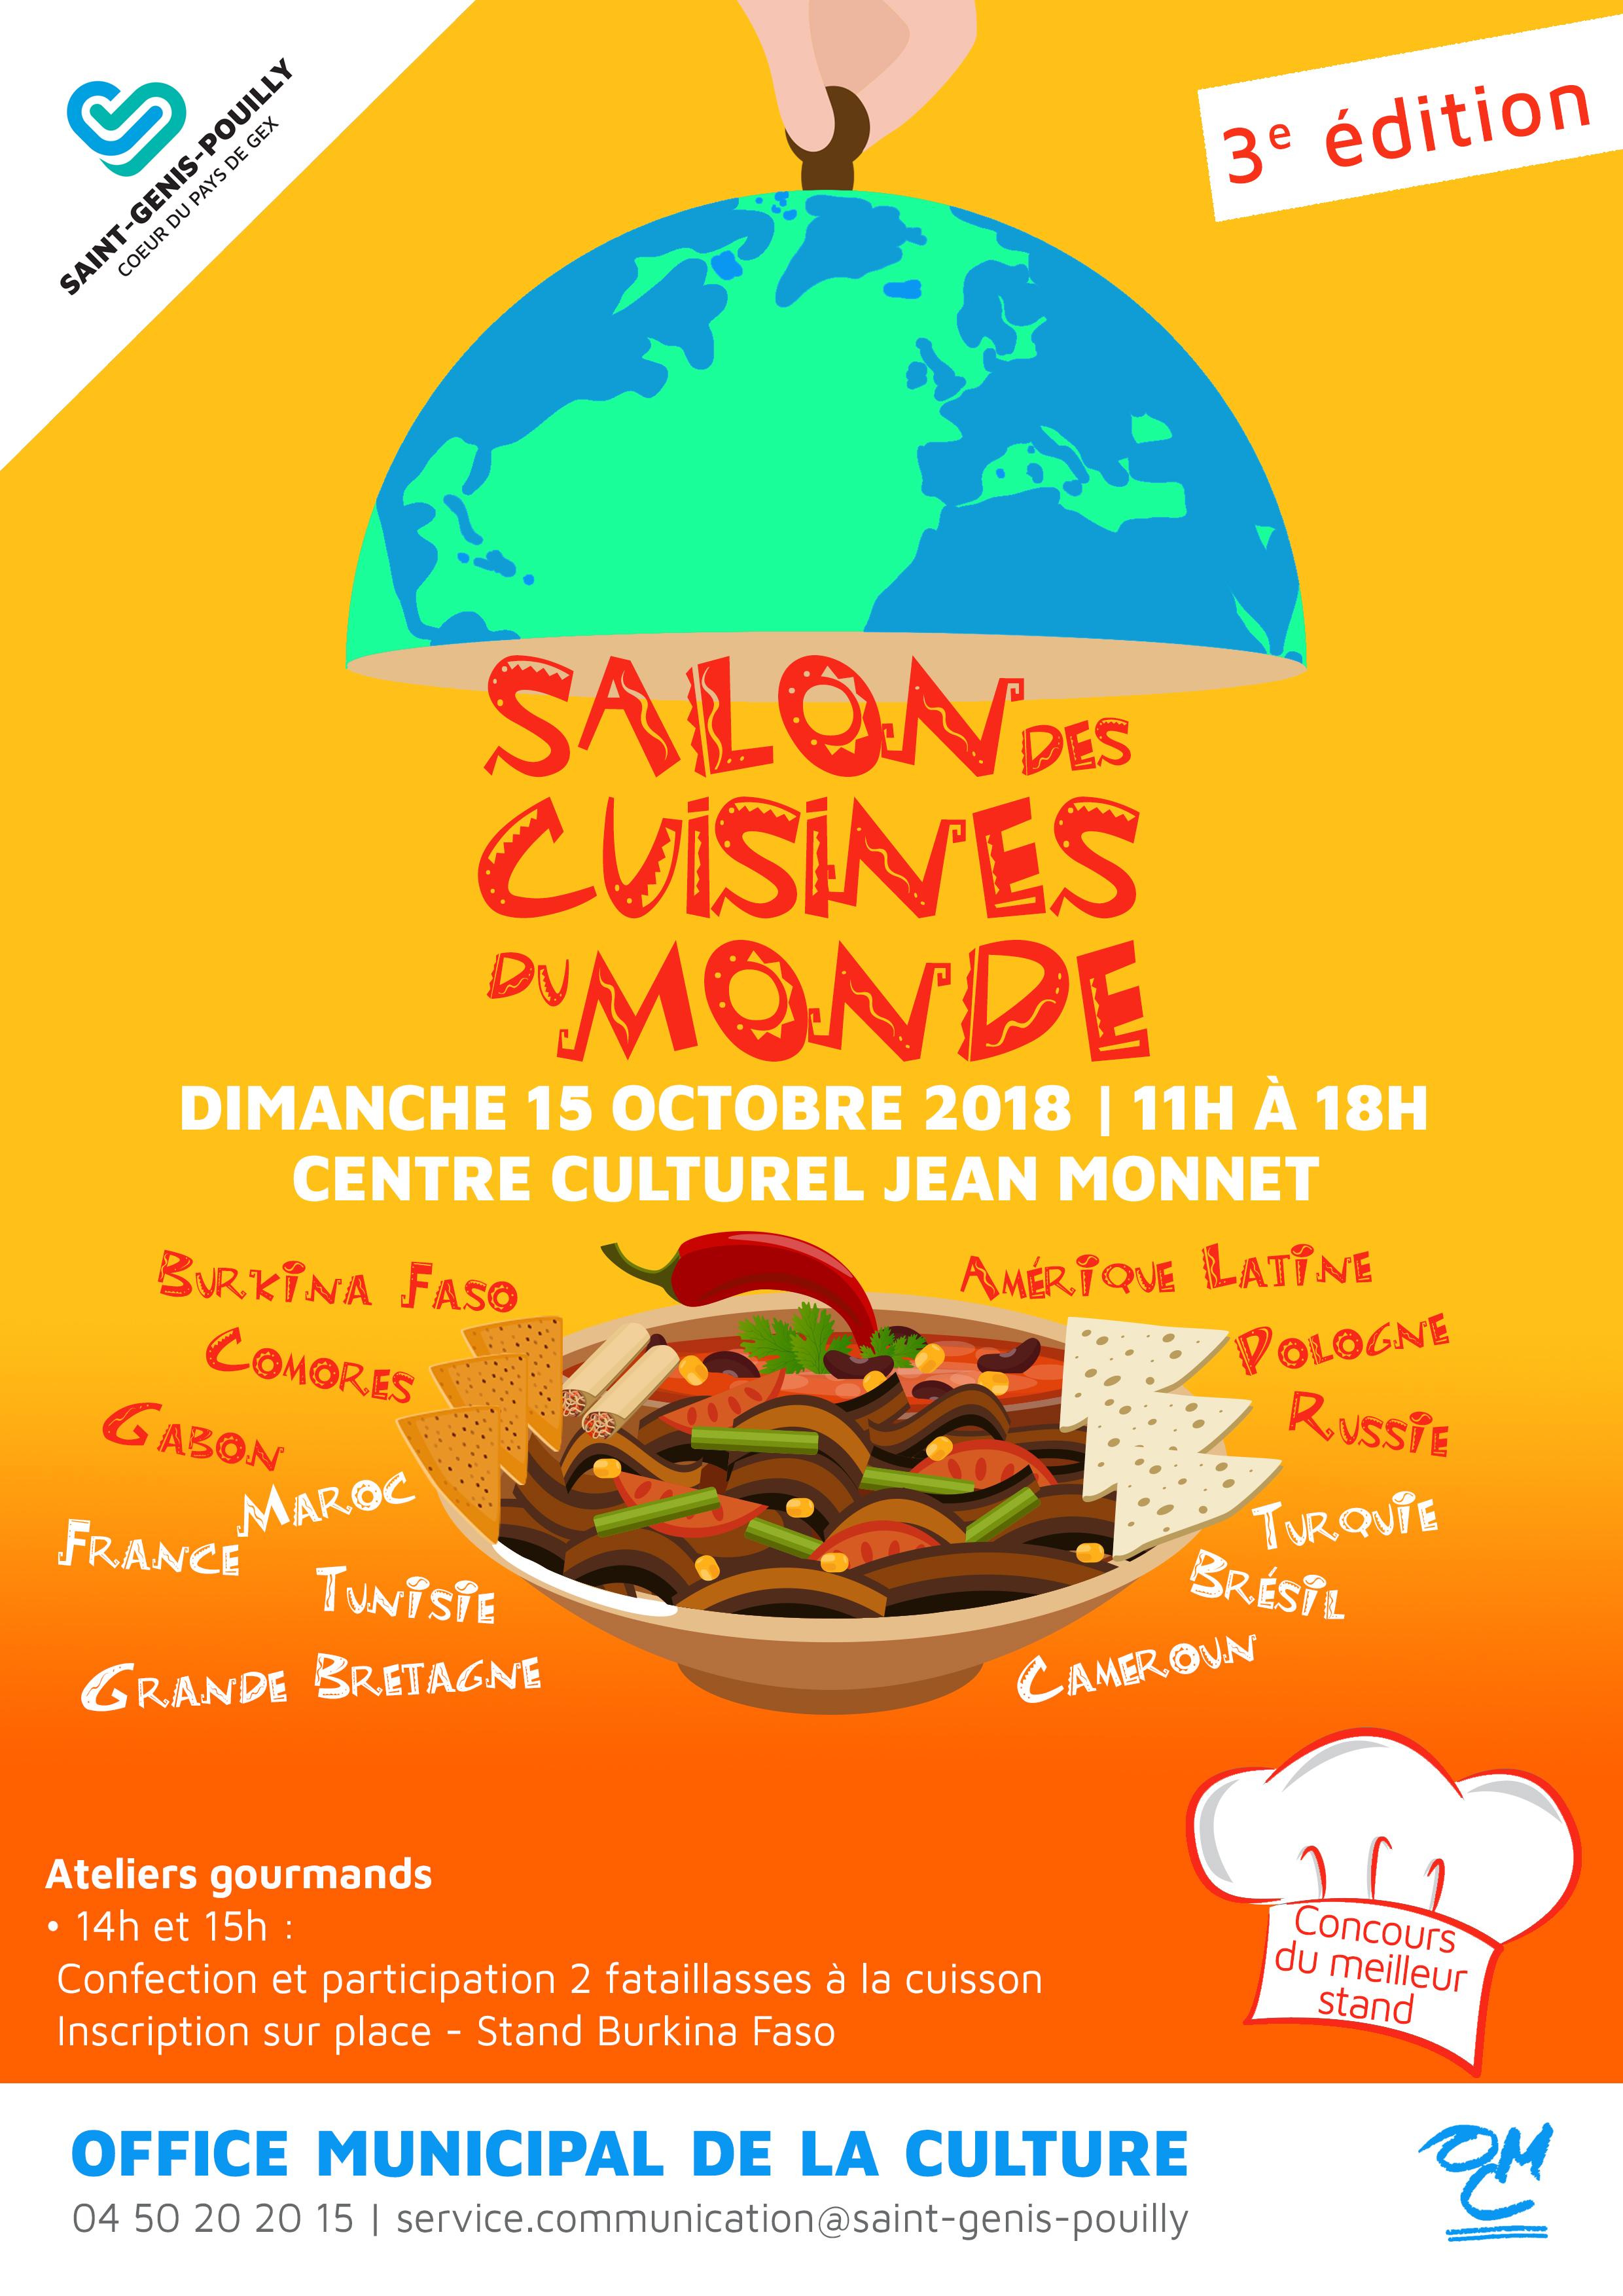 salon_cuisine.jpg